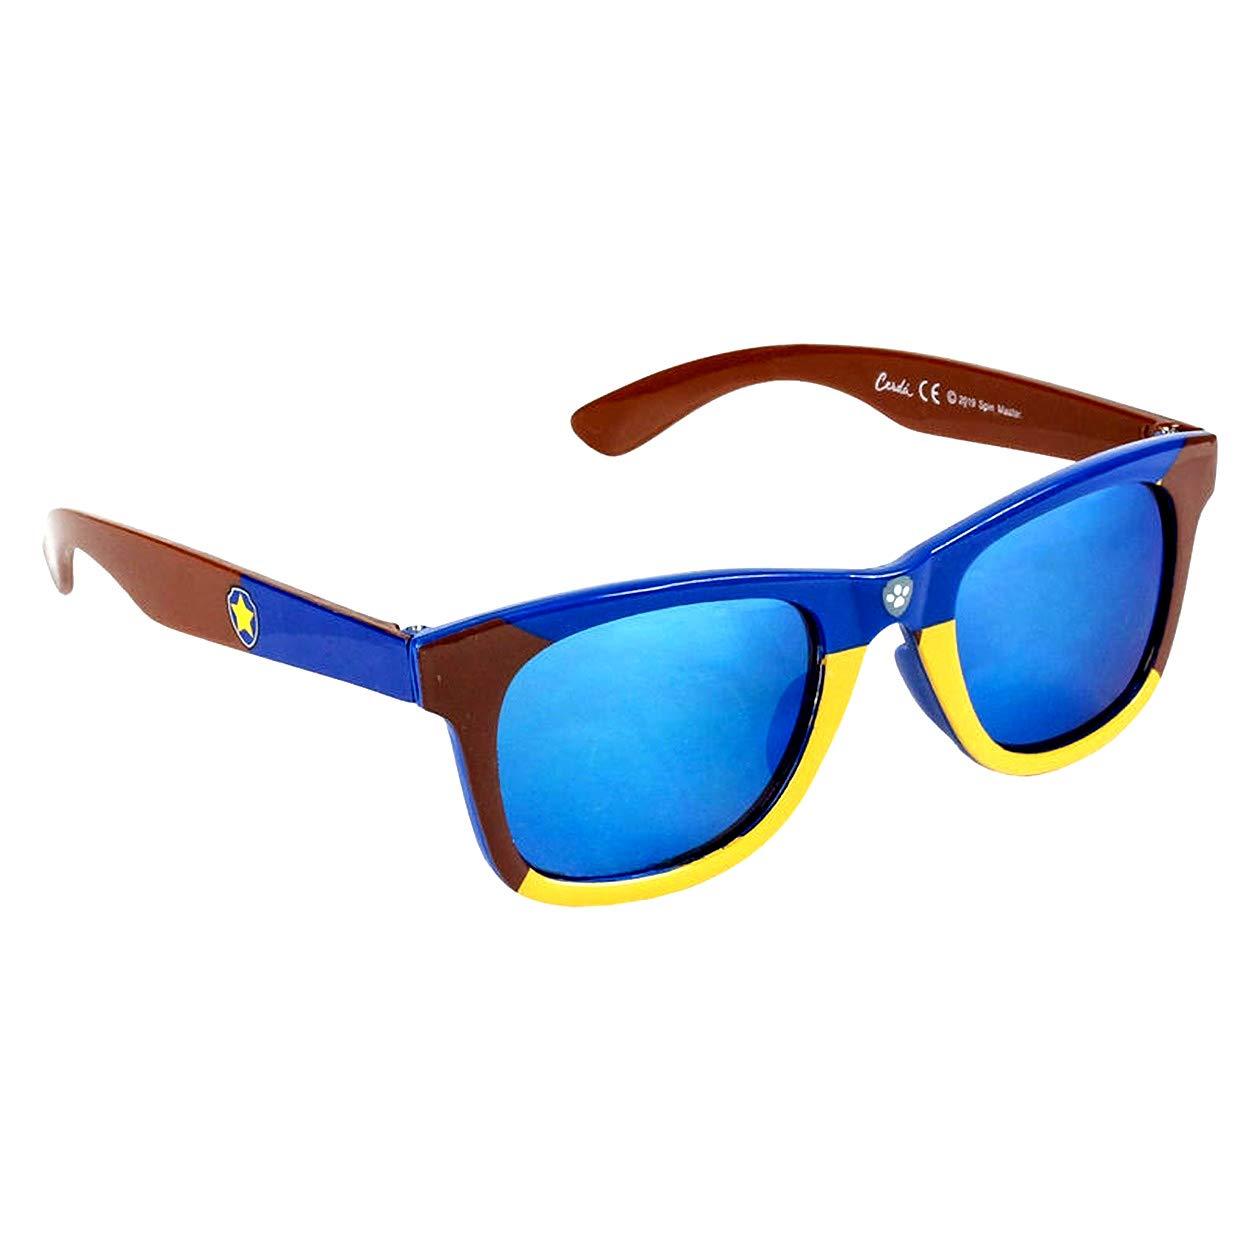 Anni 3+ Lenti Colore Blu e Protezione 100/% UV400 Materiale Leggero Occhiali da Sole Bambino Premium Paw Patrol Chase